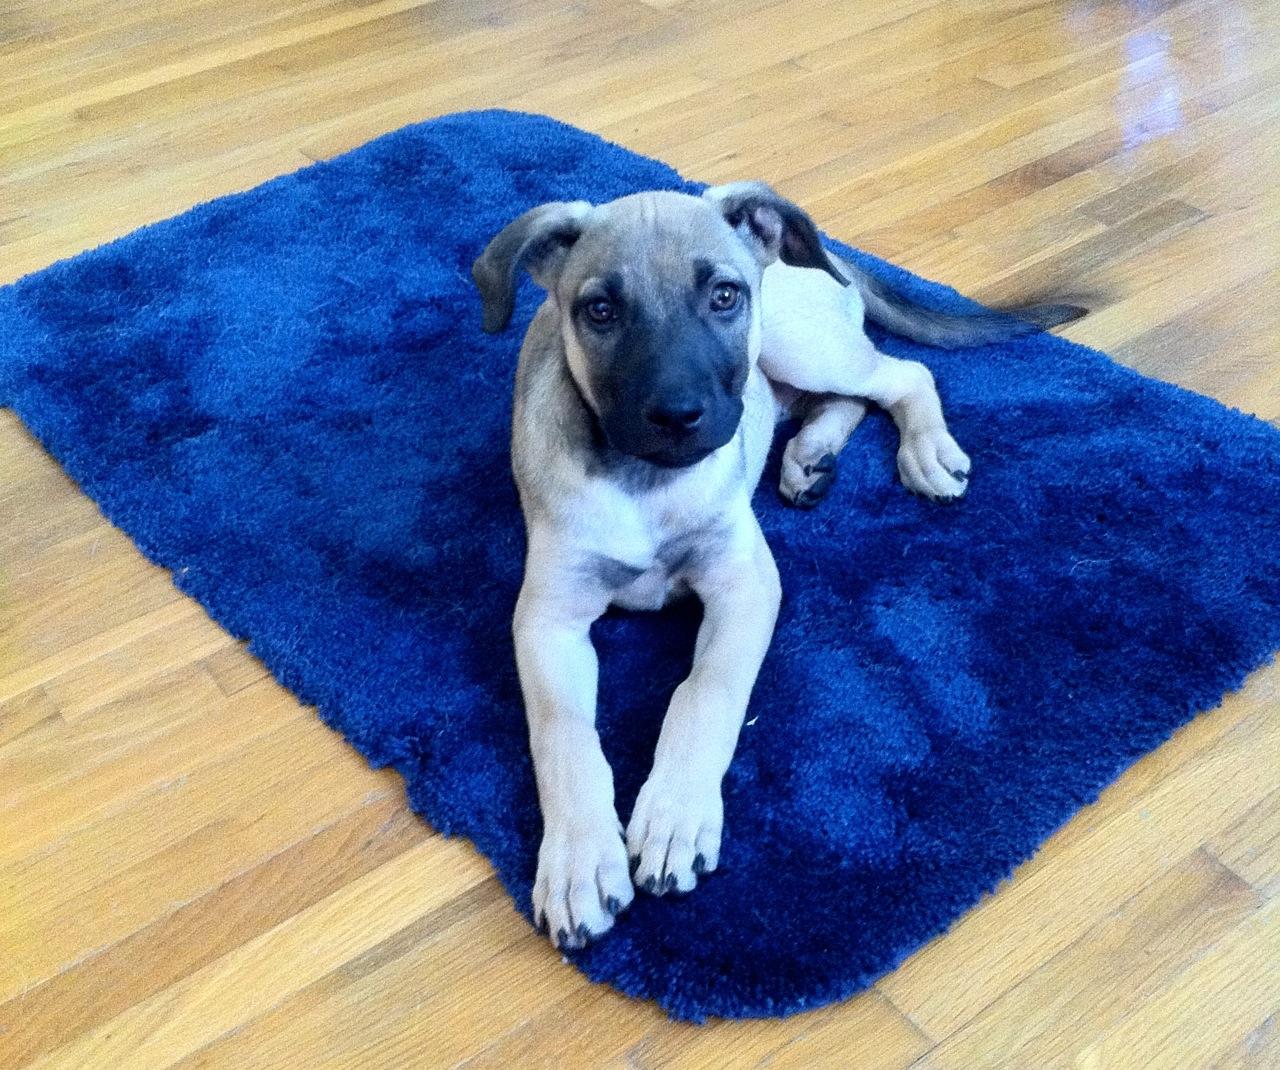 roll up dog com mat petmaker portable bed ip travel floors walmart floor